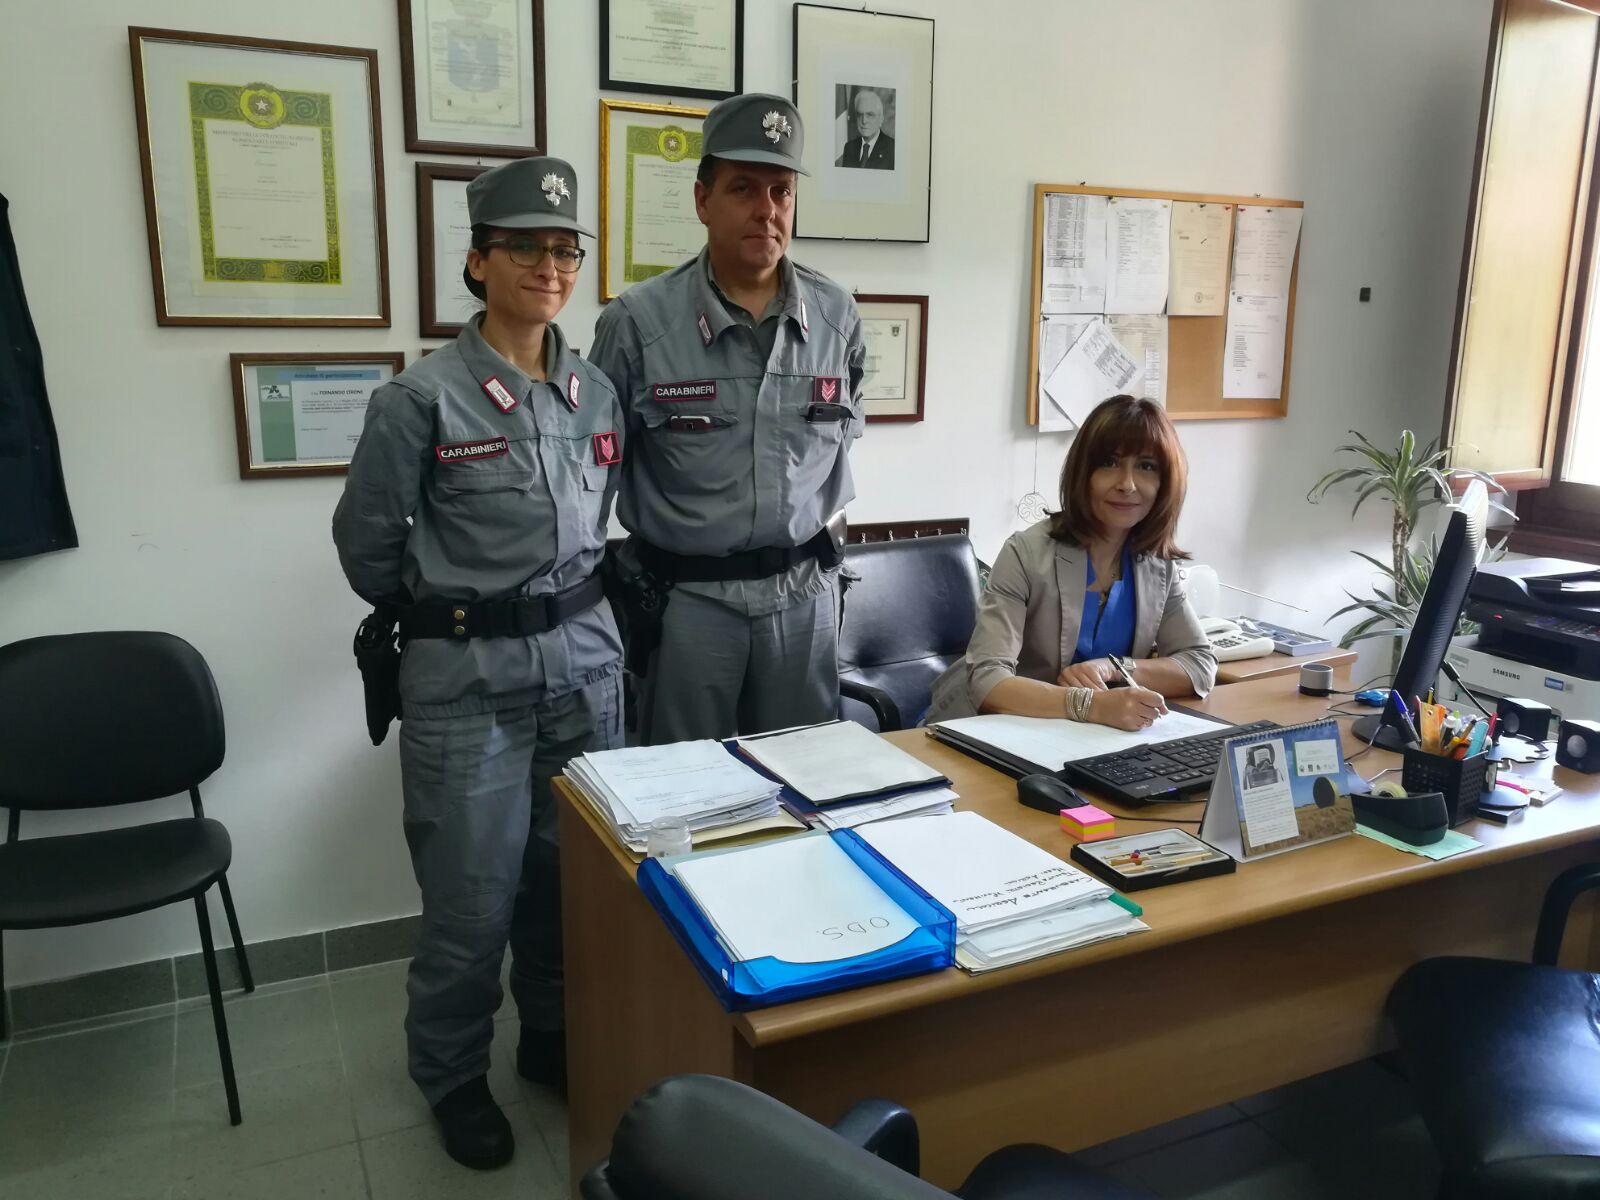 Visita interistituzionale del sindaco Amiconi e dei carabinieri al centro visite di Magliano. Obiettivo: tutelare la natura